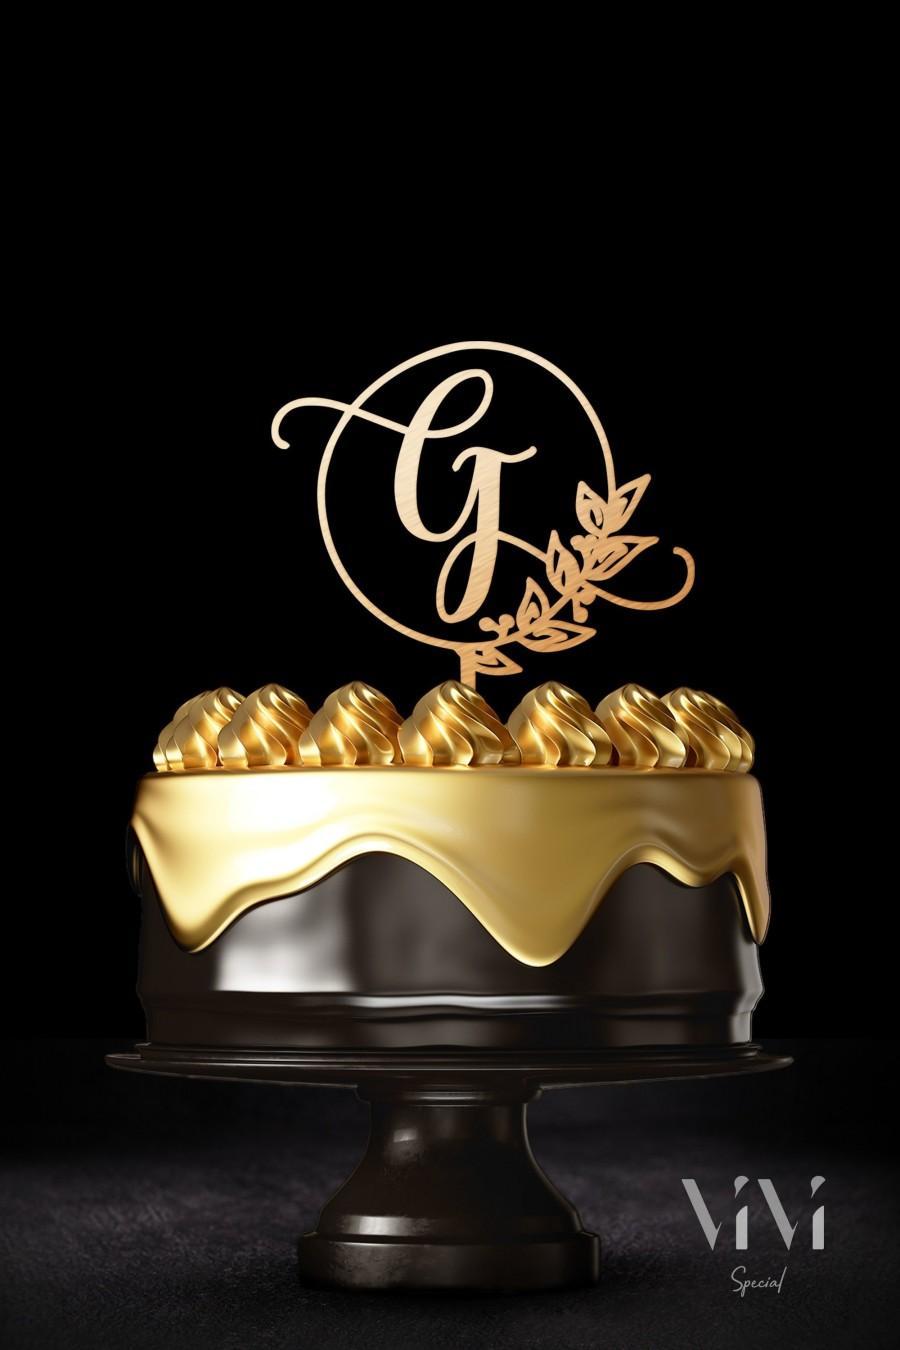 Свадьба - Letter G cake topper for wedding